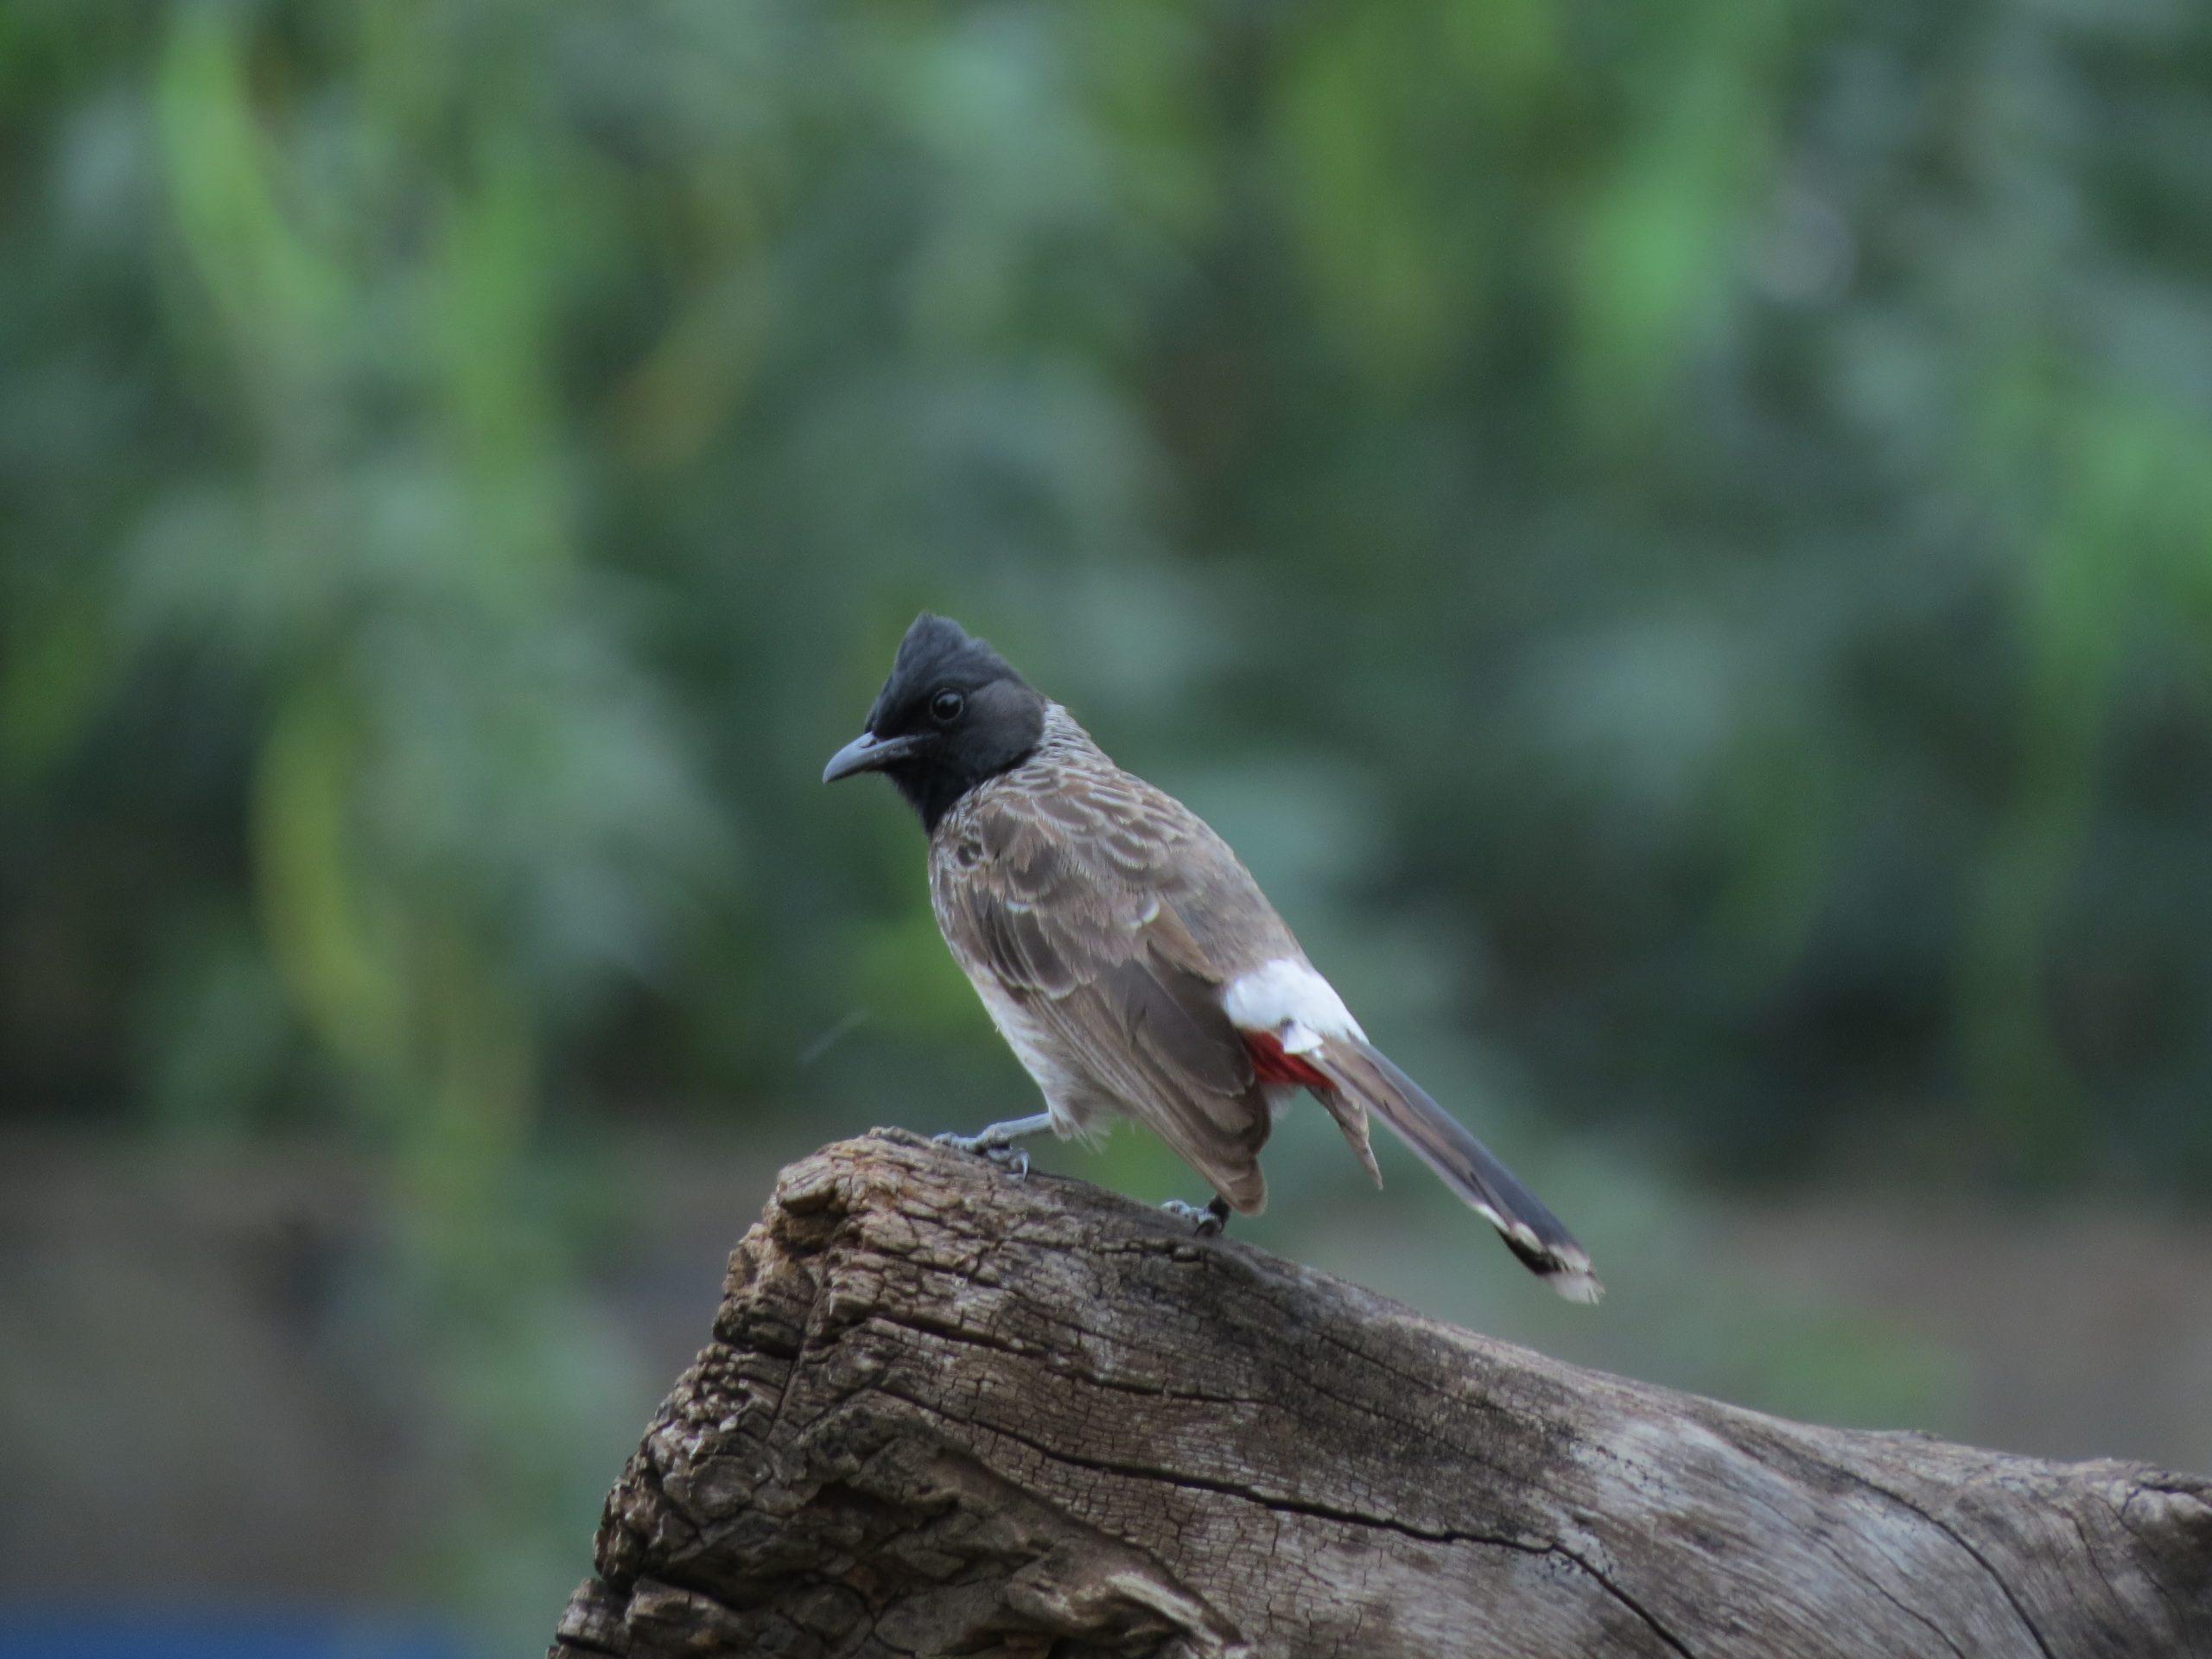 A bulbul bird on a wood